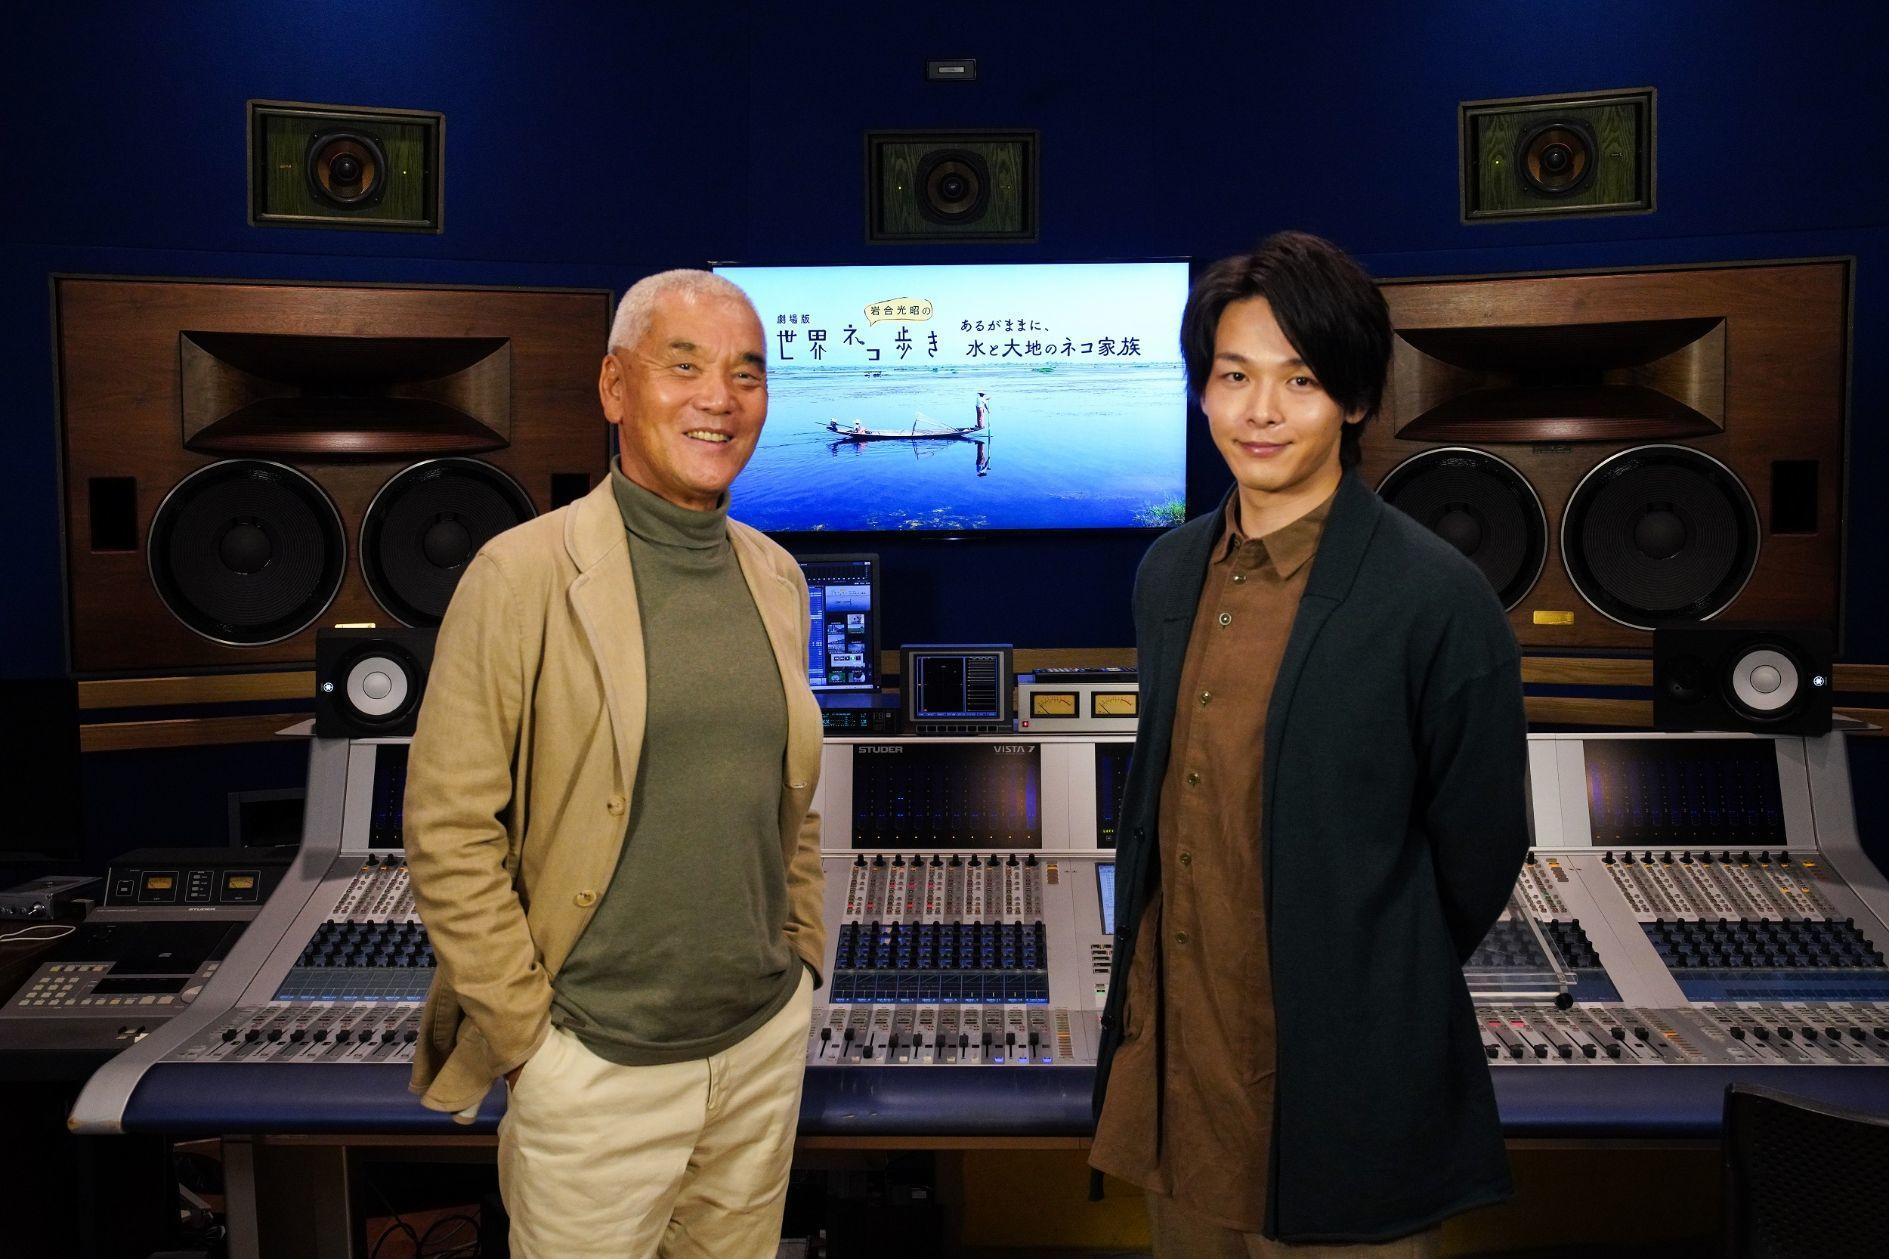 左から、岩合光昭監督、中村倫也 (C)「劇場版 岩合光昭の世界ネコ歩き 2」製作委員会 (C)Mitsuaki Iwago